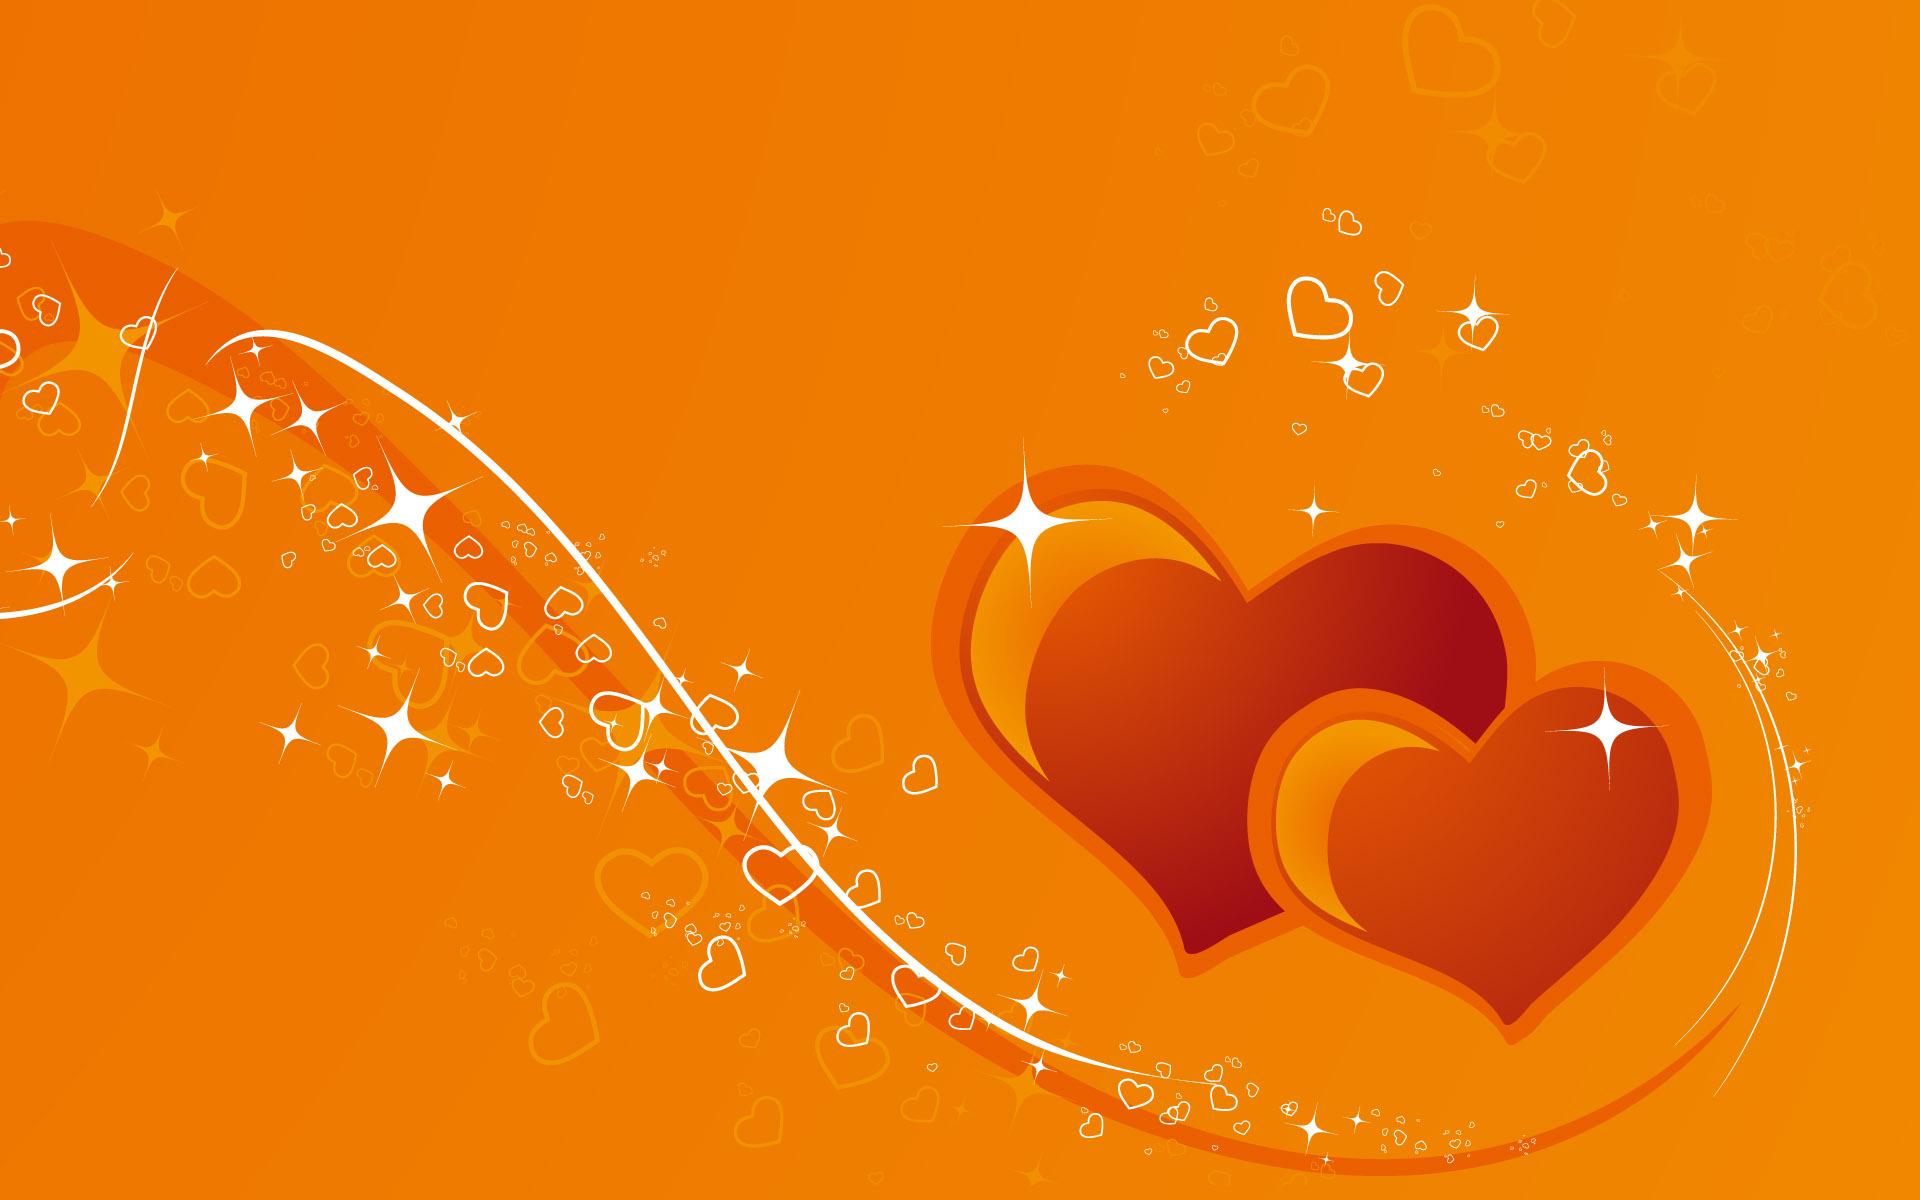 оранжевые сердца, обои на рабочий стол